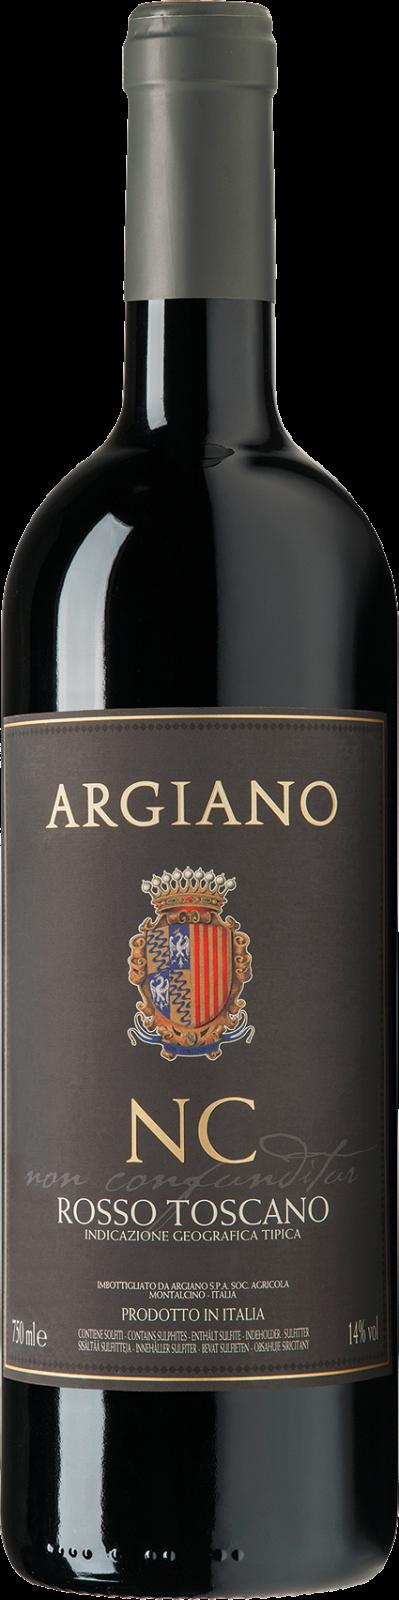 Argiano 'Non Confunditur' Rosso Toscana wijnbeurs.nl